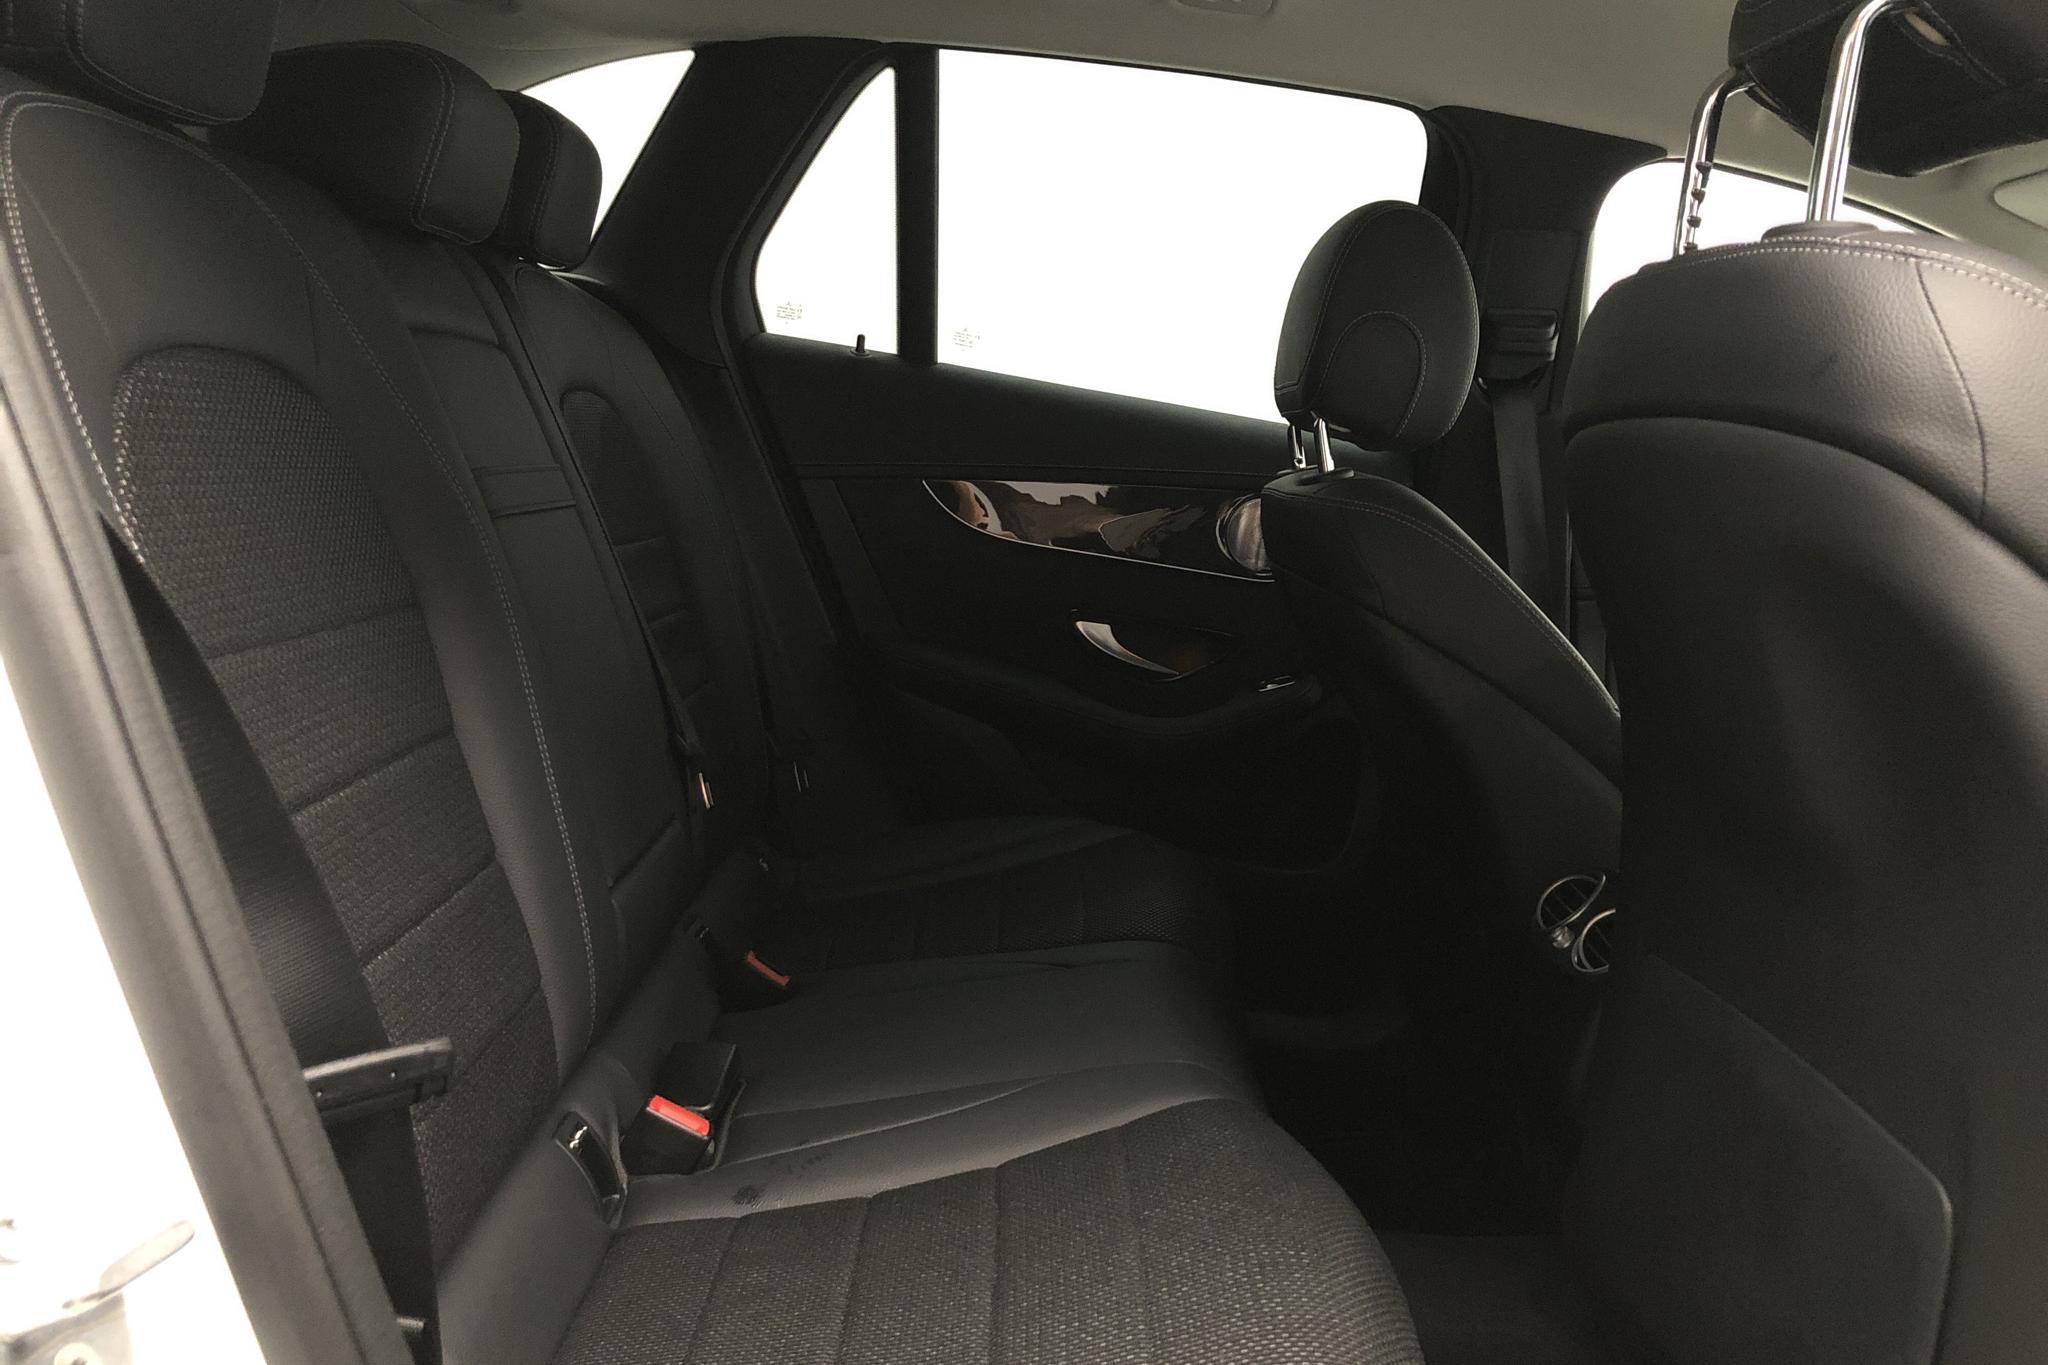 Mercedes GLC 250 4MATIC X253 (211hk) - 2 108 mil - Automat - vit - 2019